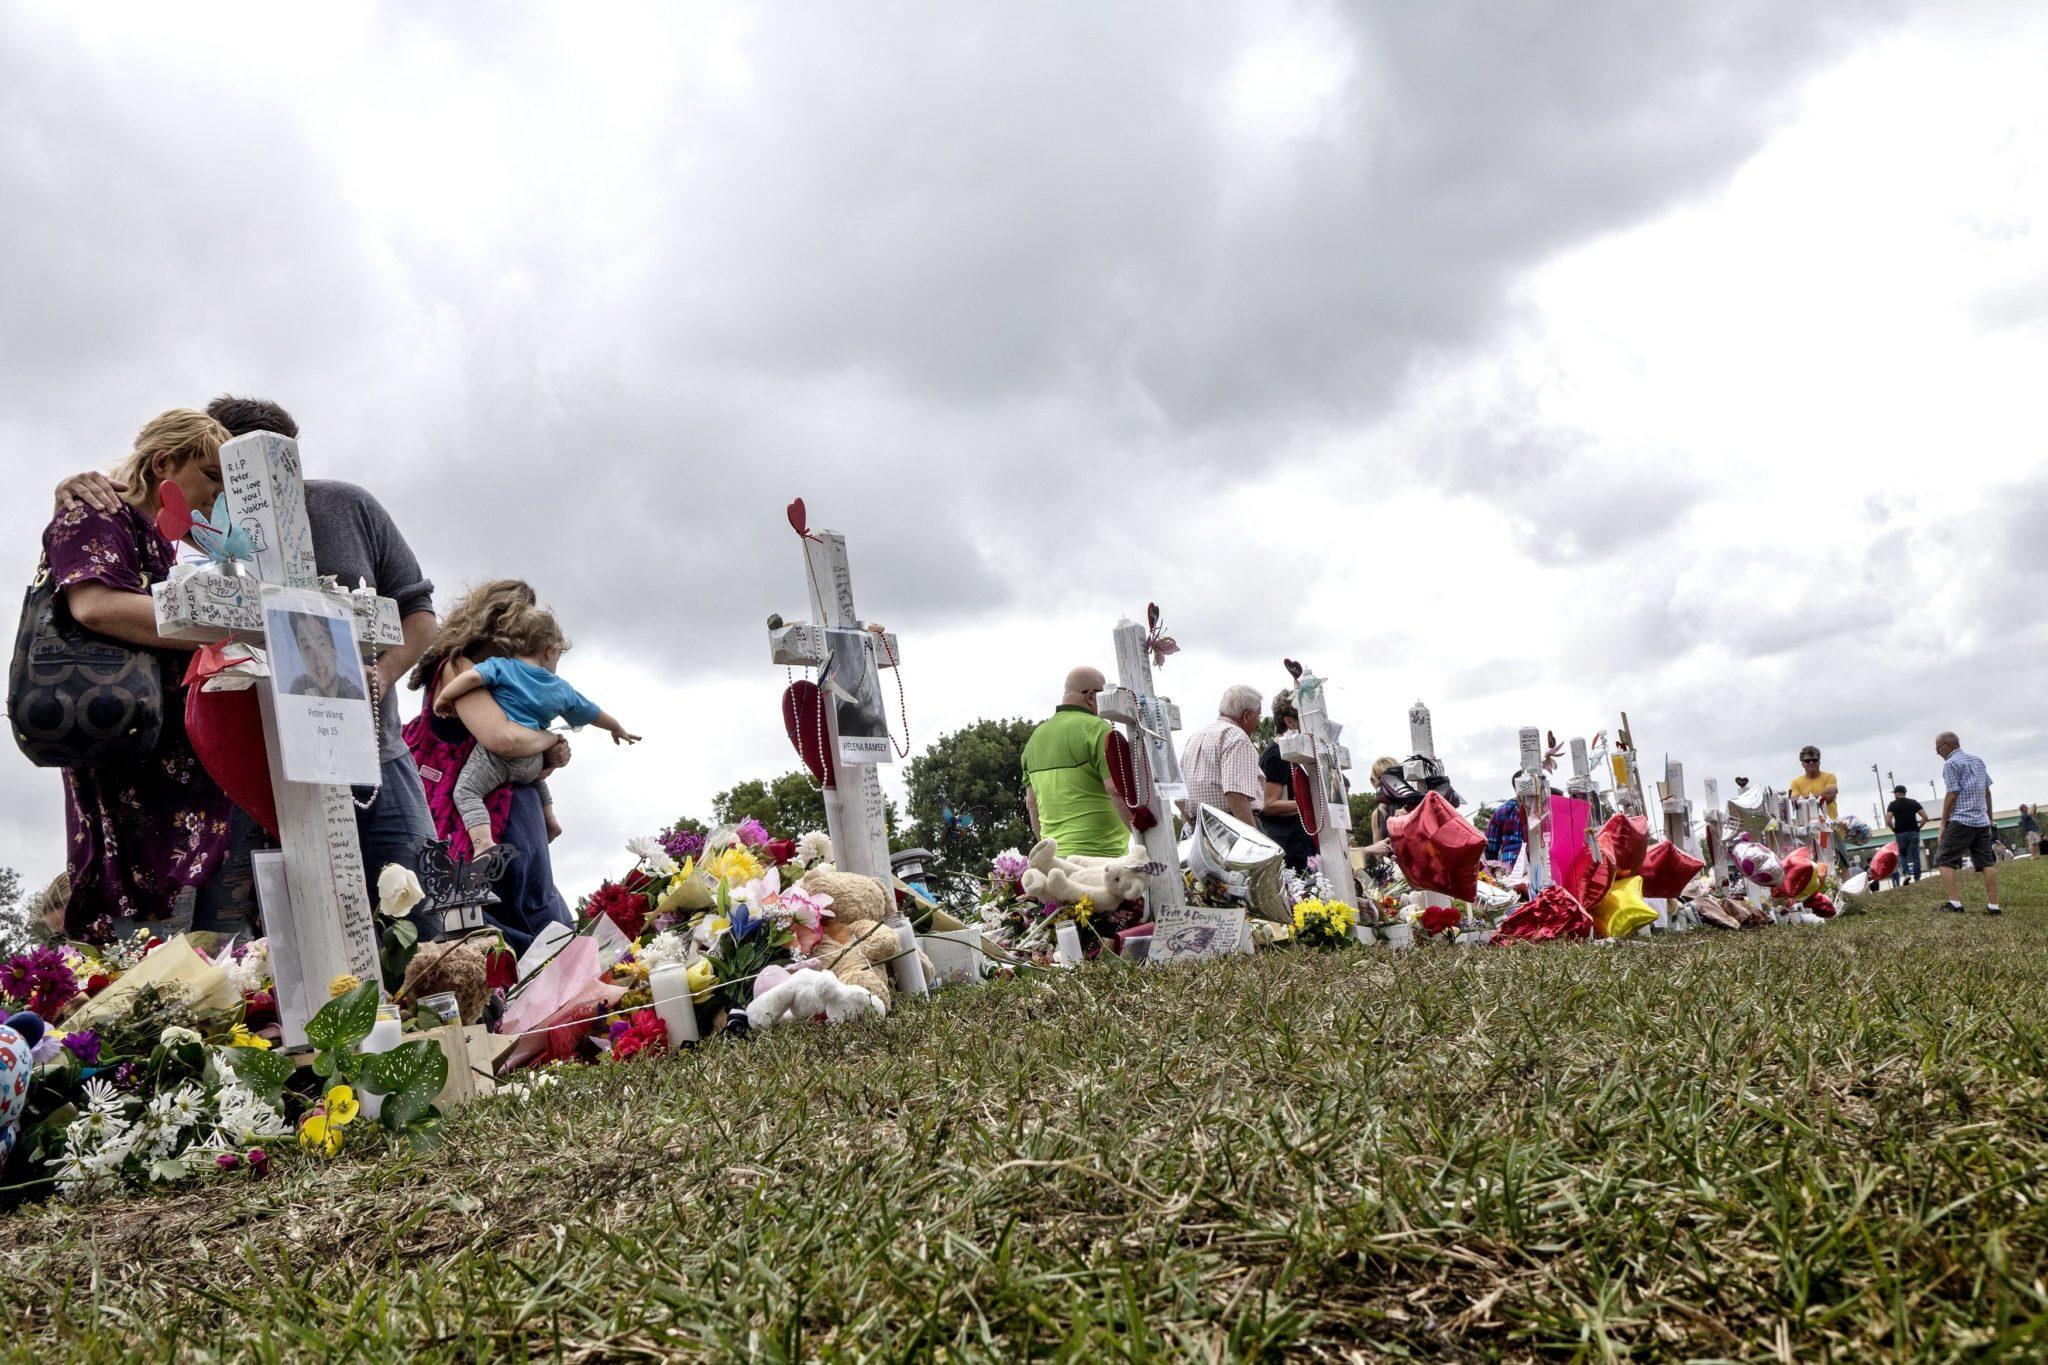 Modlitwa za ofiary strzelaniny w szkole we Florydzie, po ostrzale zamachowcy (byłego ucznia szkoły) zginęło 17 osób, wielu zostało rannych, fot: Cristobal Herrera, PAP/EPA